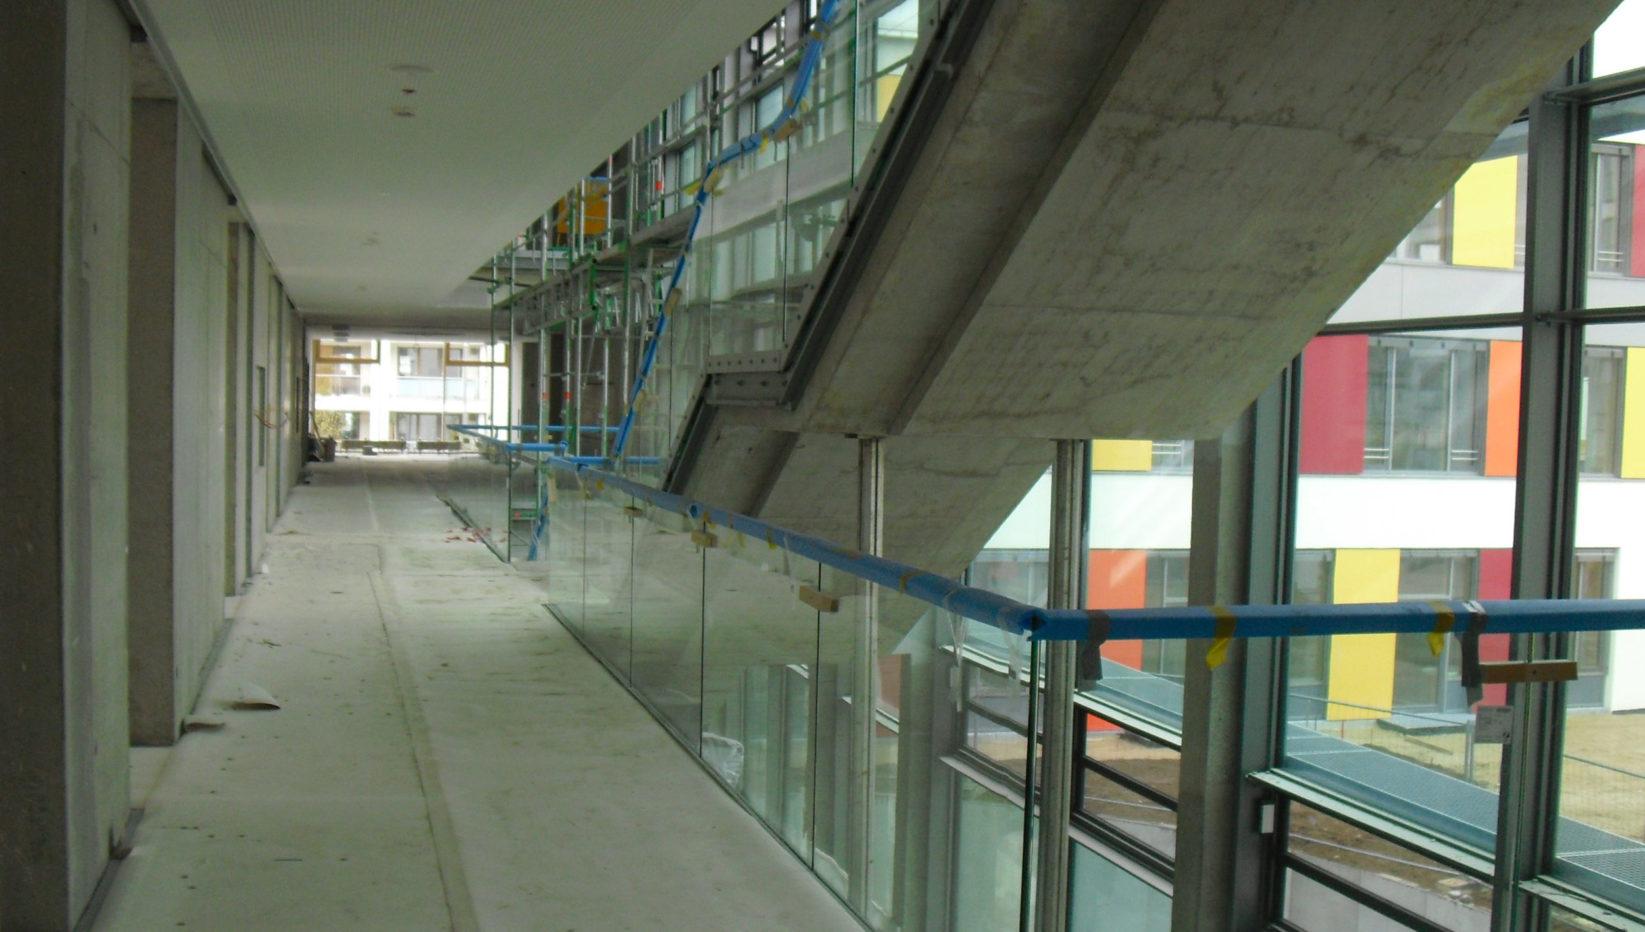 Innenaufnahme des Förderzentrums München Süd nach Fertigstellung des Rohbaus. Zu sehen ist der lange Flur und rechts die Treppe in das nächste Stockwerk aus Stahlbeton.